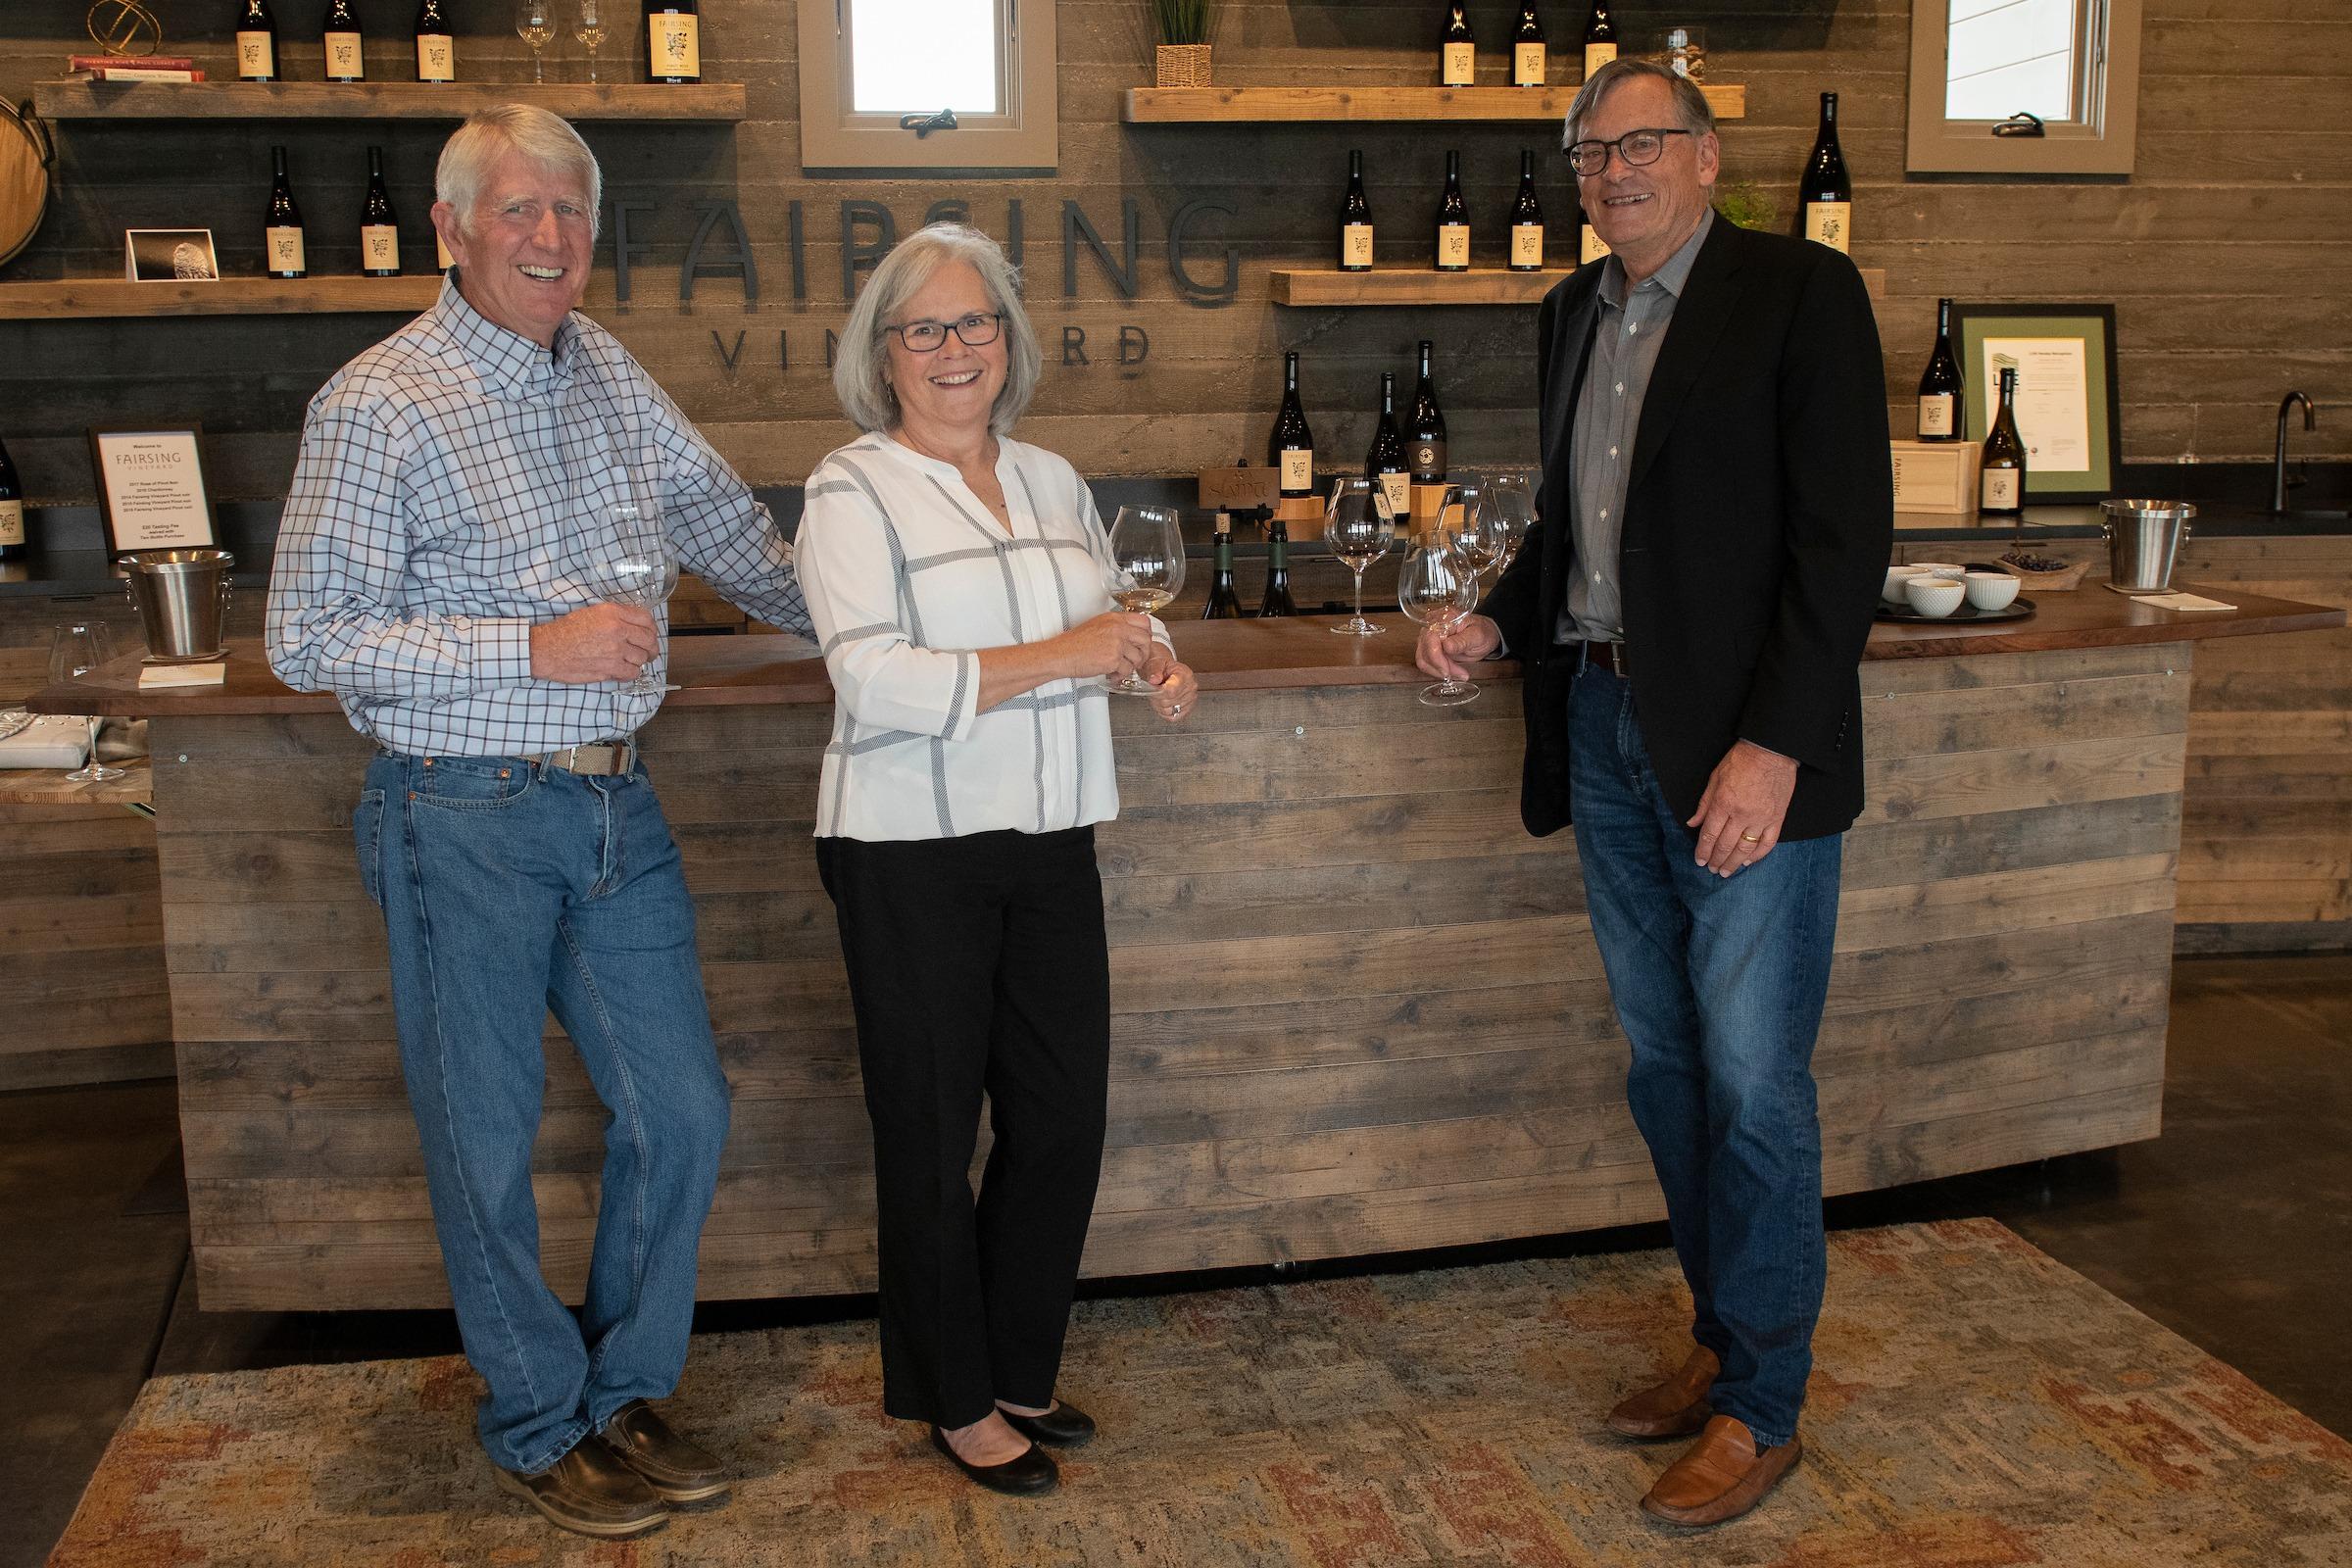 Fairsing Vineyard owners and winemaker Robert Brittan in the tasting room in Oregon's Willamette Valley